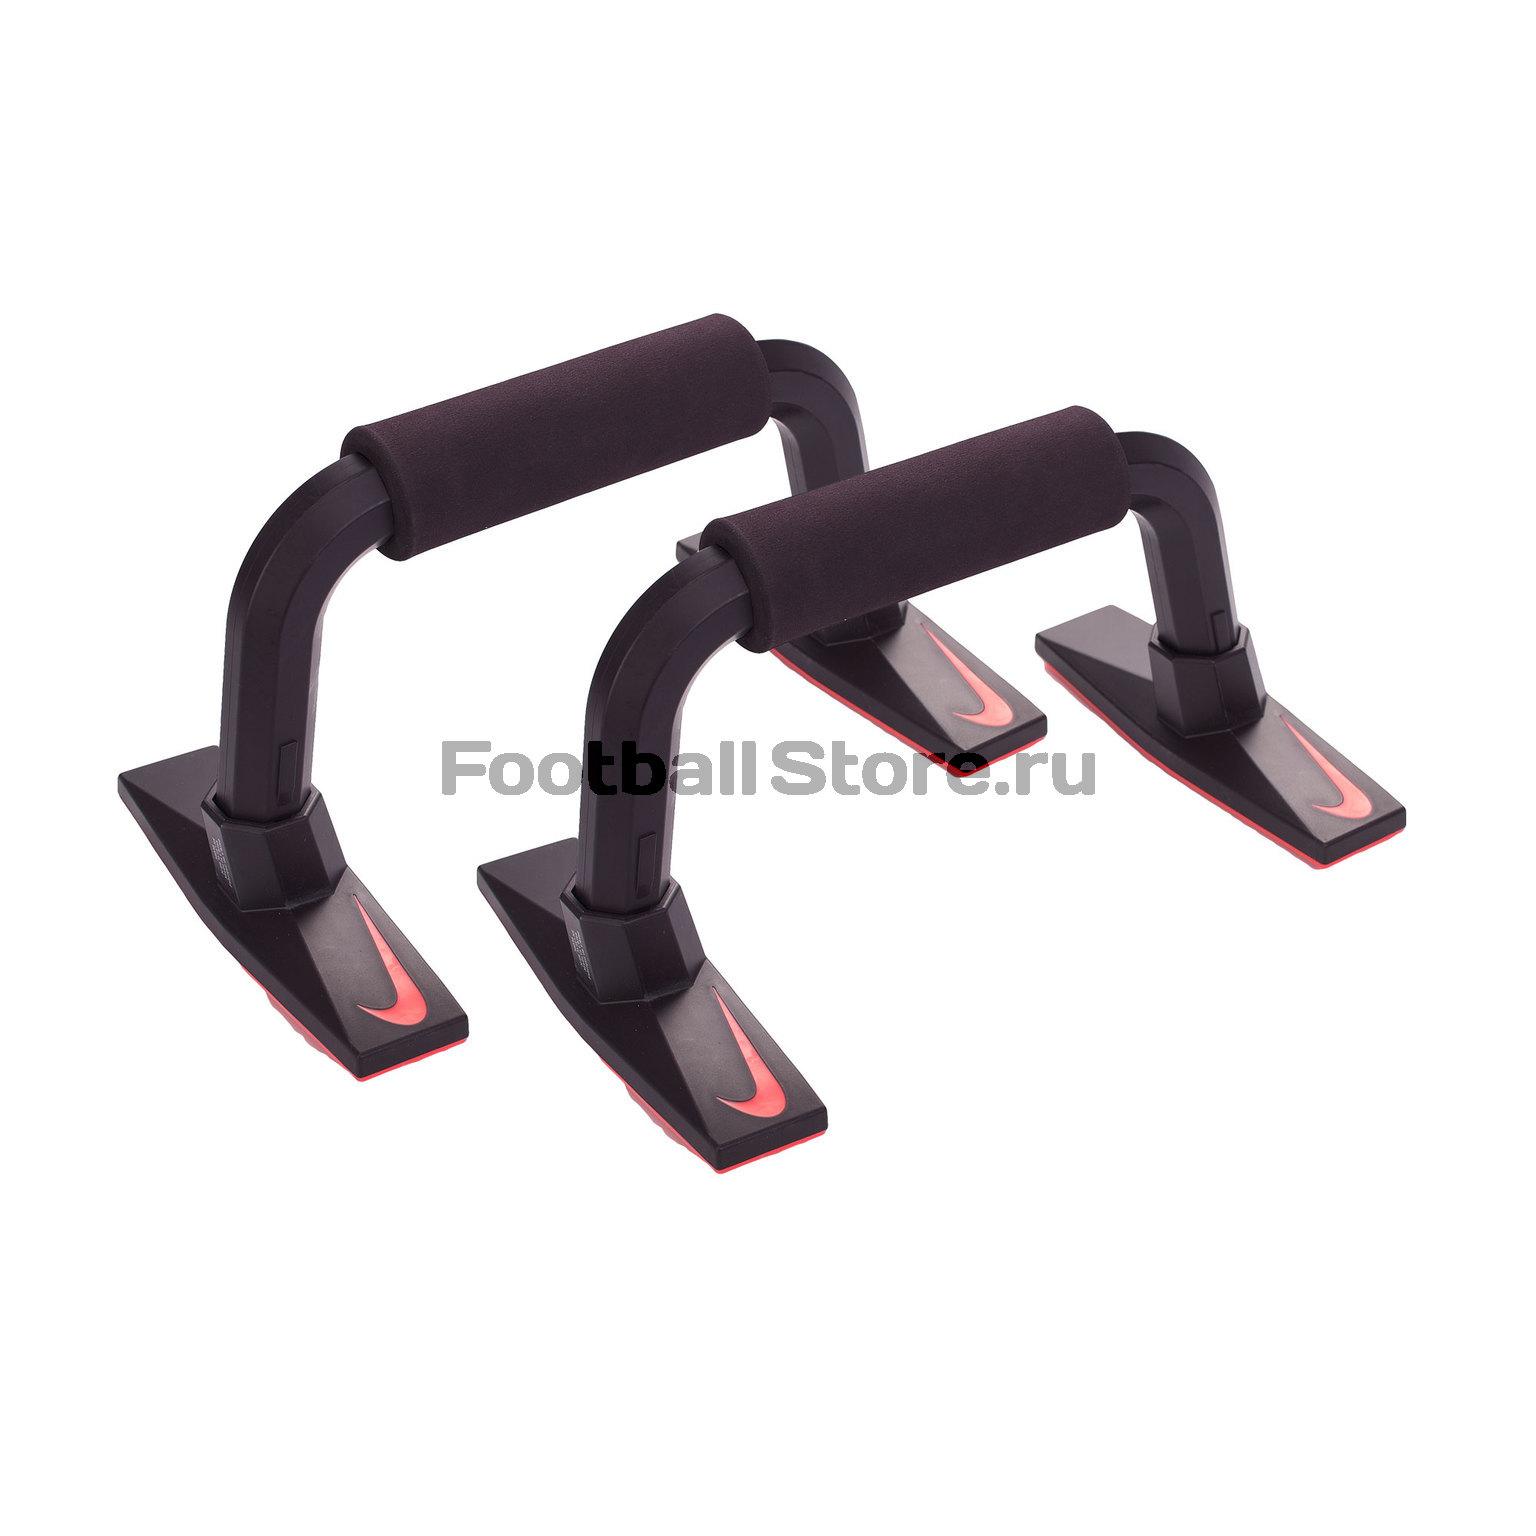 Упоры для отжиманий Nike Push UP Grip N.ER.36.647 nike nike push up grip 2 0